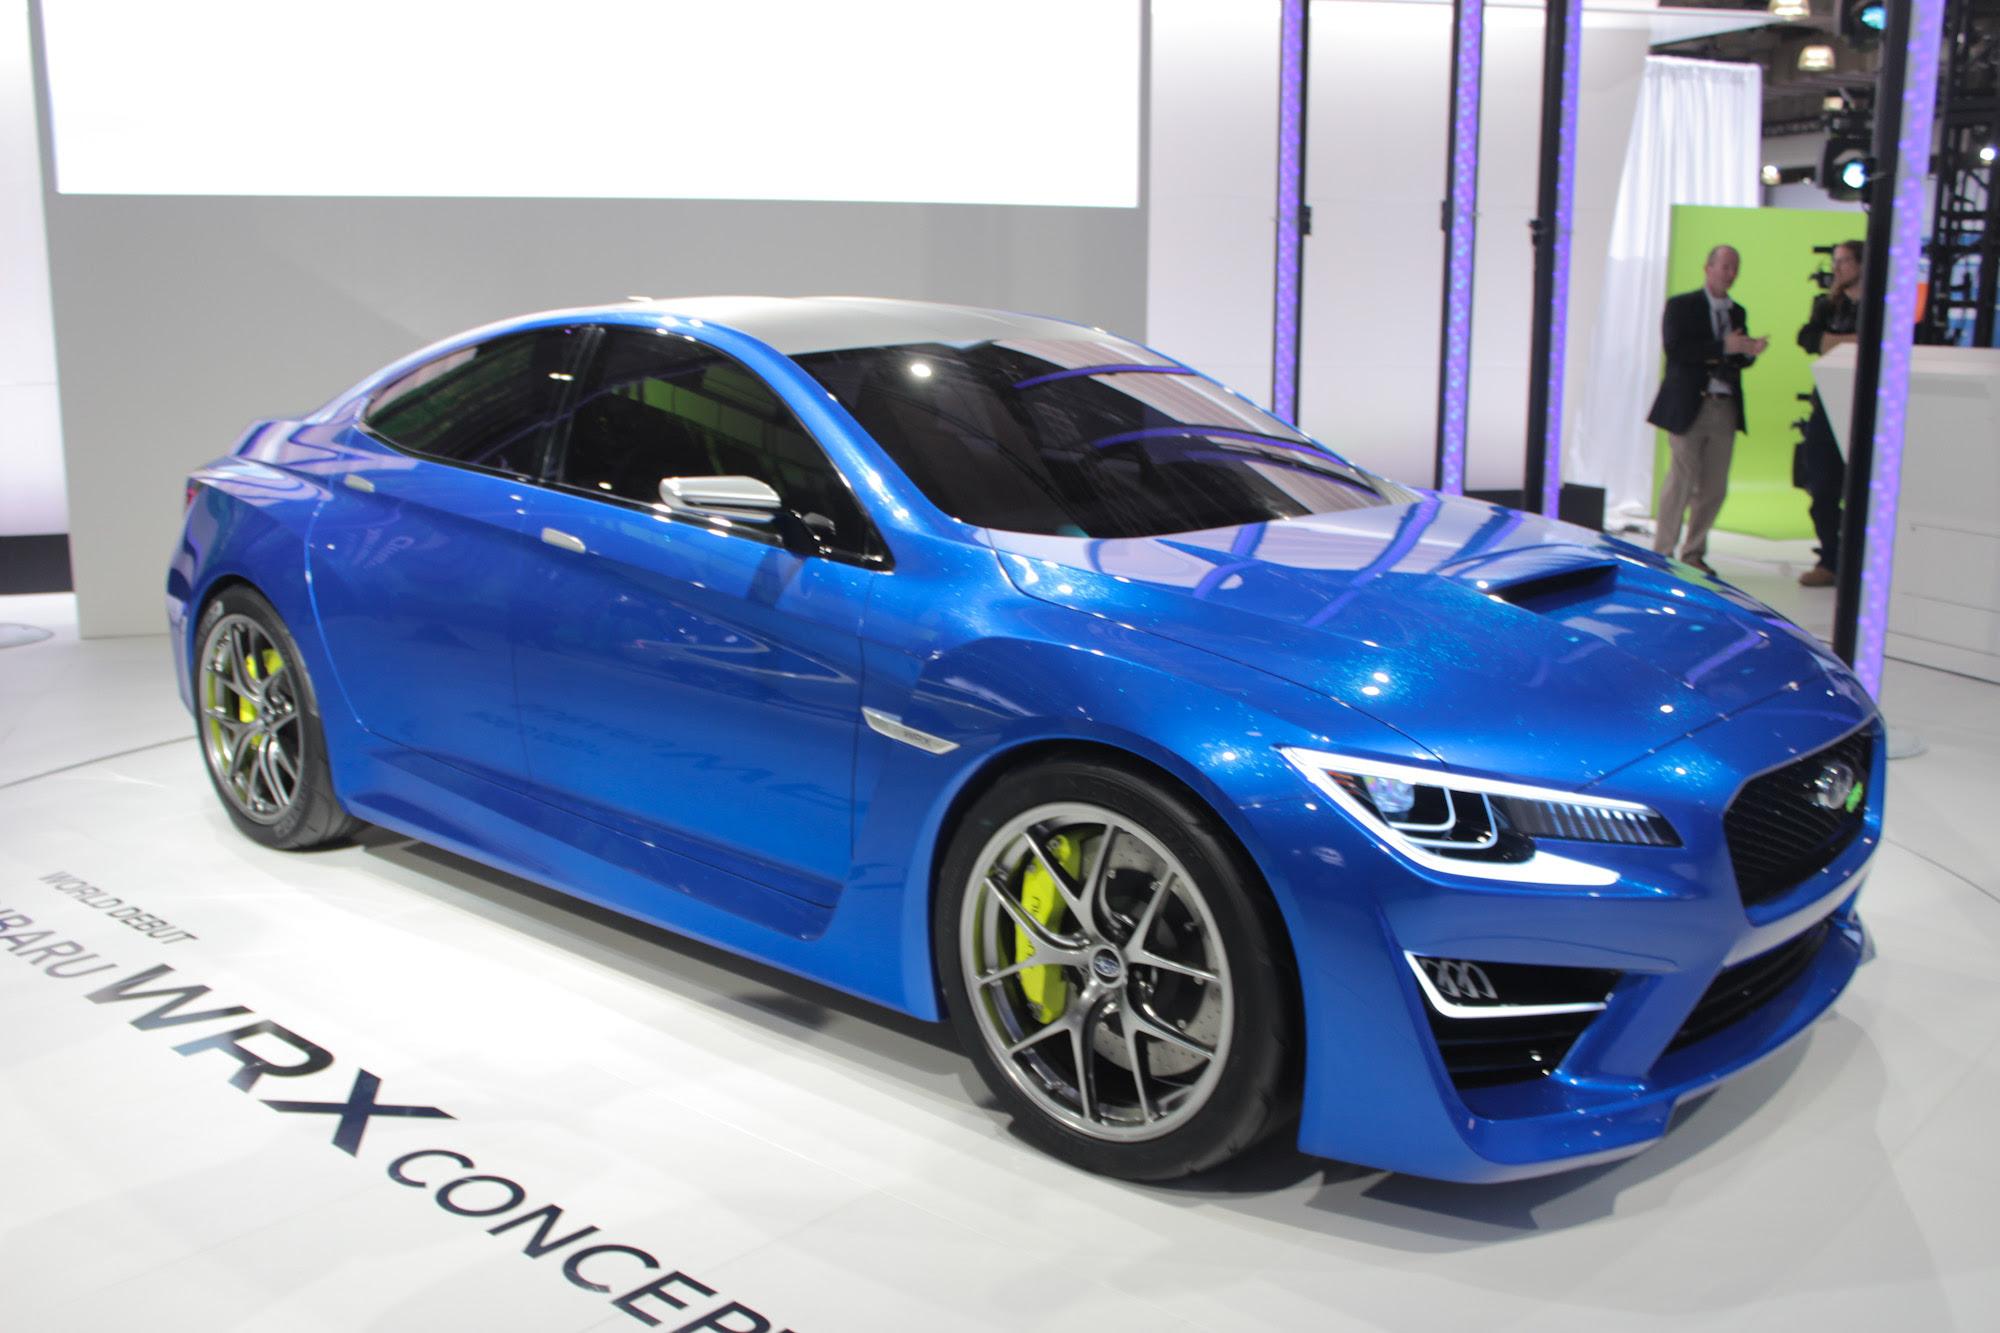 Subaru WRX Concept Video Preview: New York Auto Show